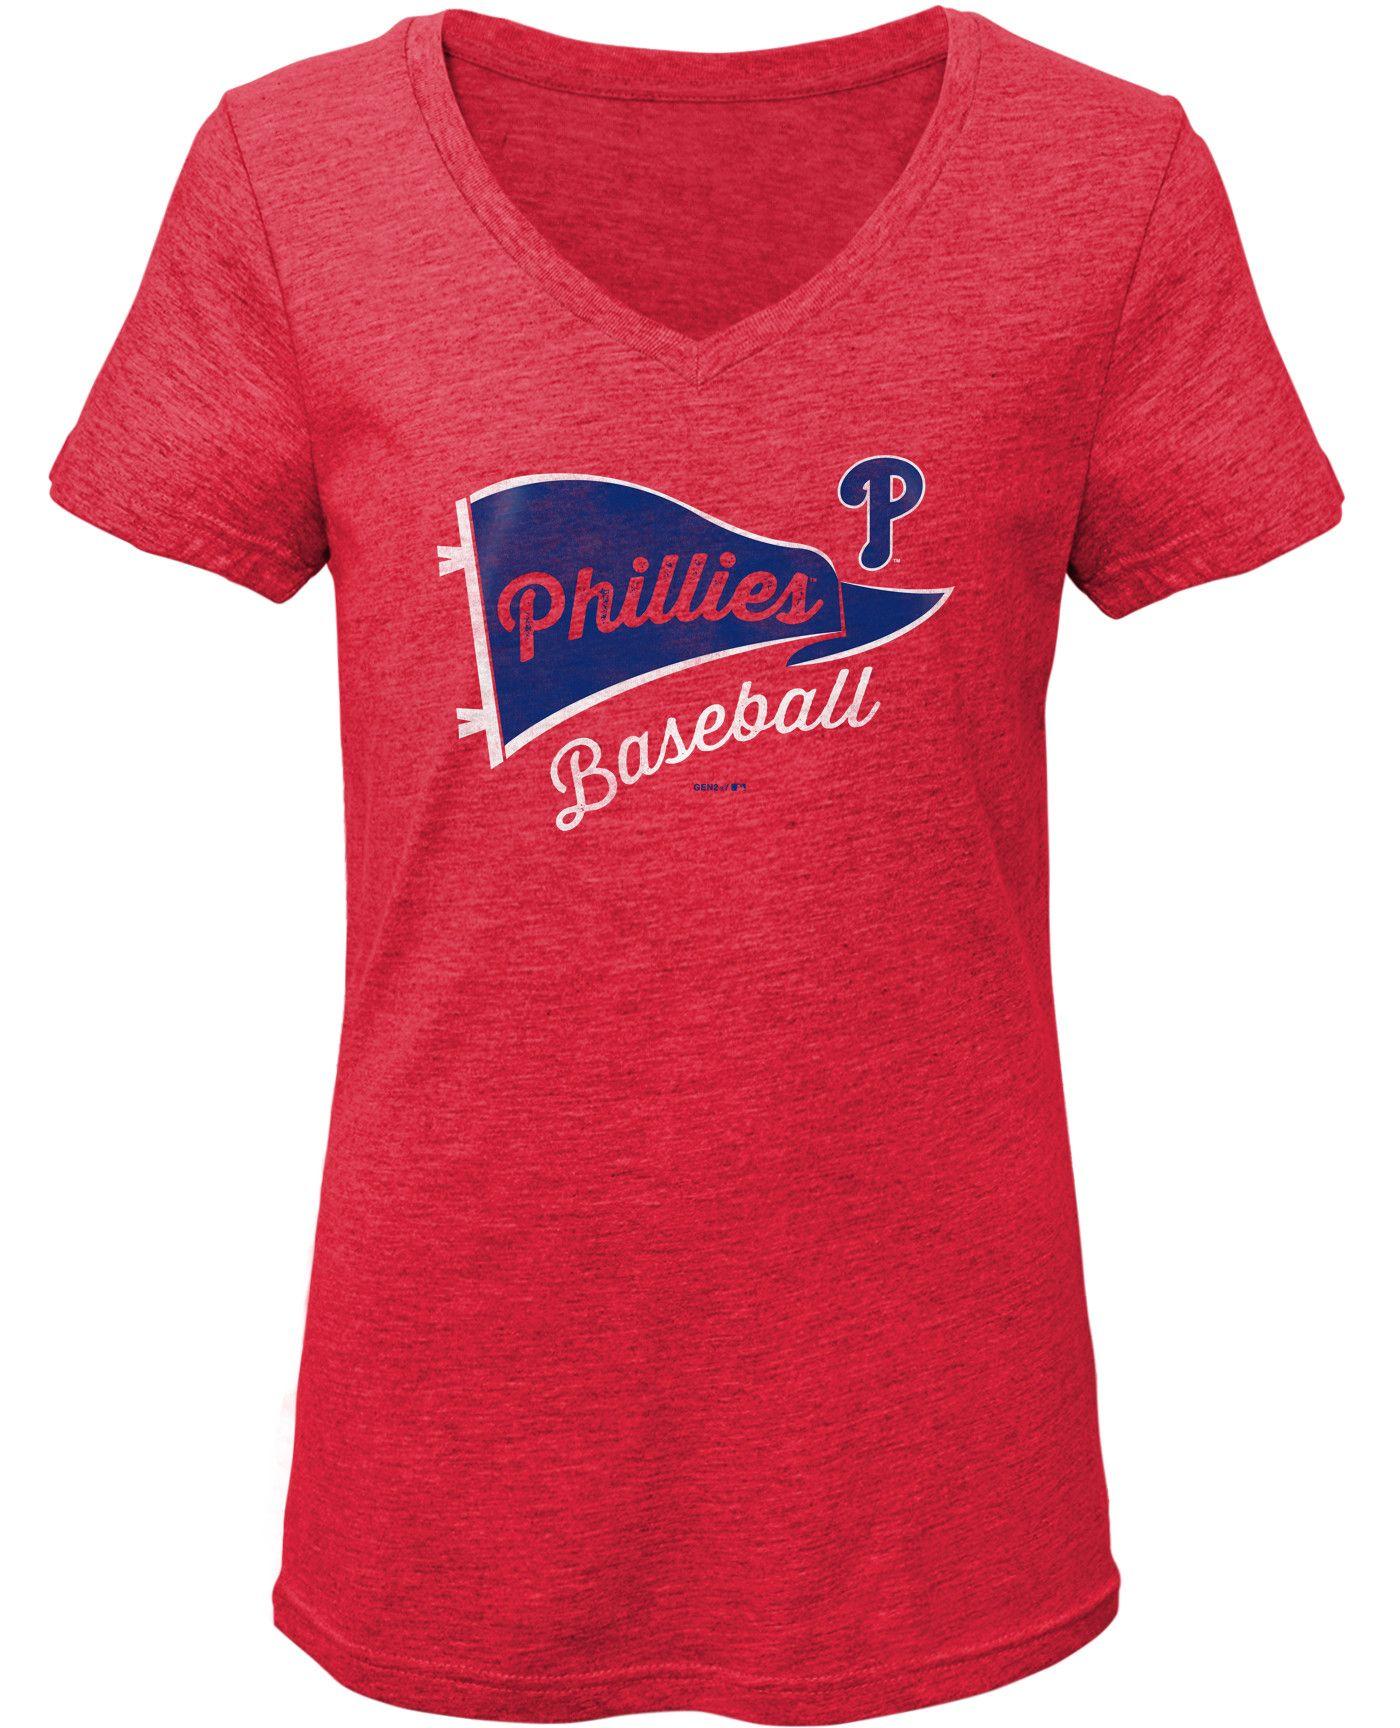 Gen2 Youth Girls' Philadelphia Phillies Tri-Blend V-Neck T-Shirt